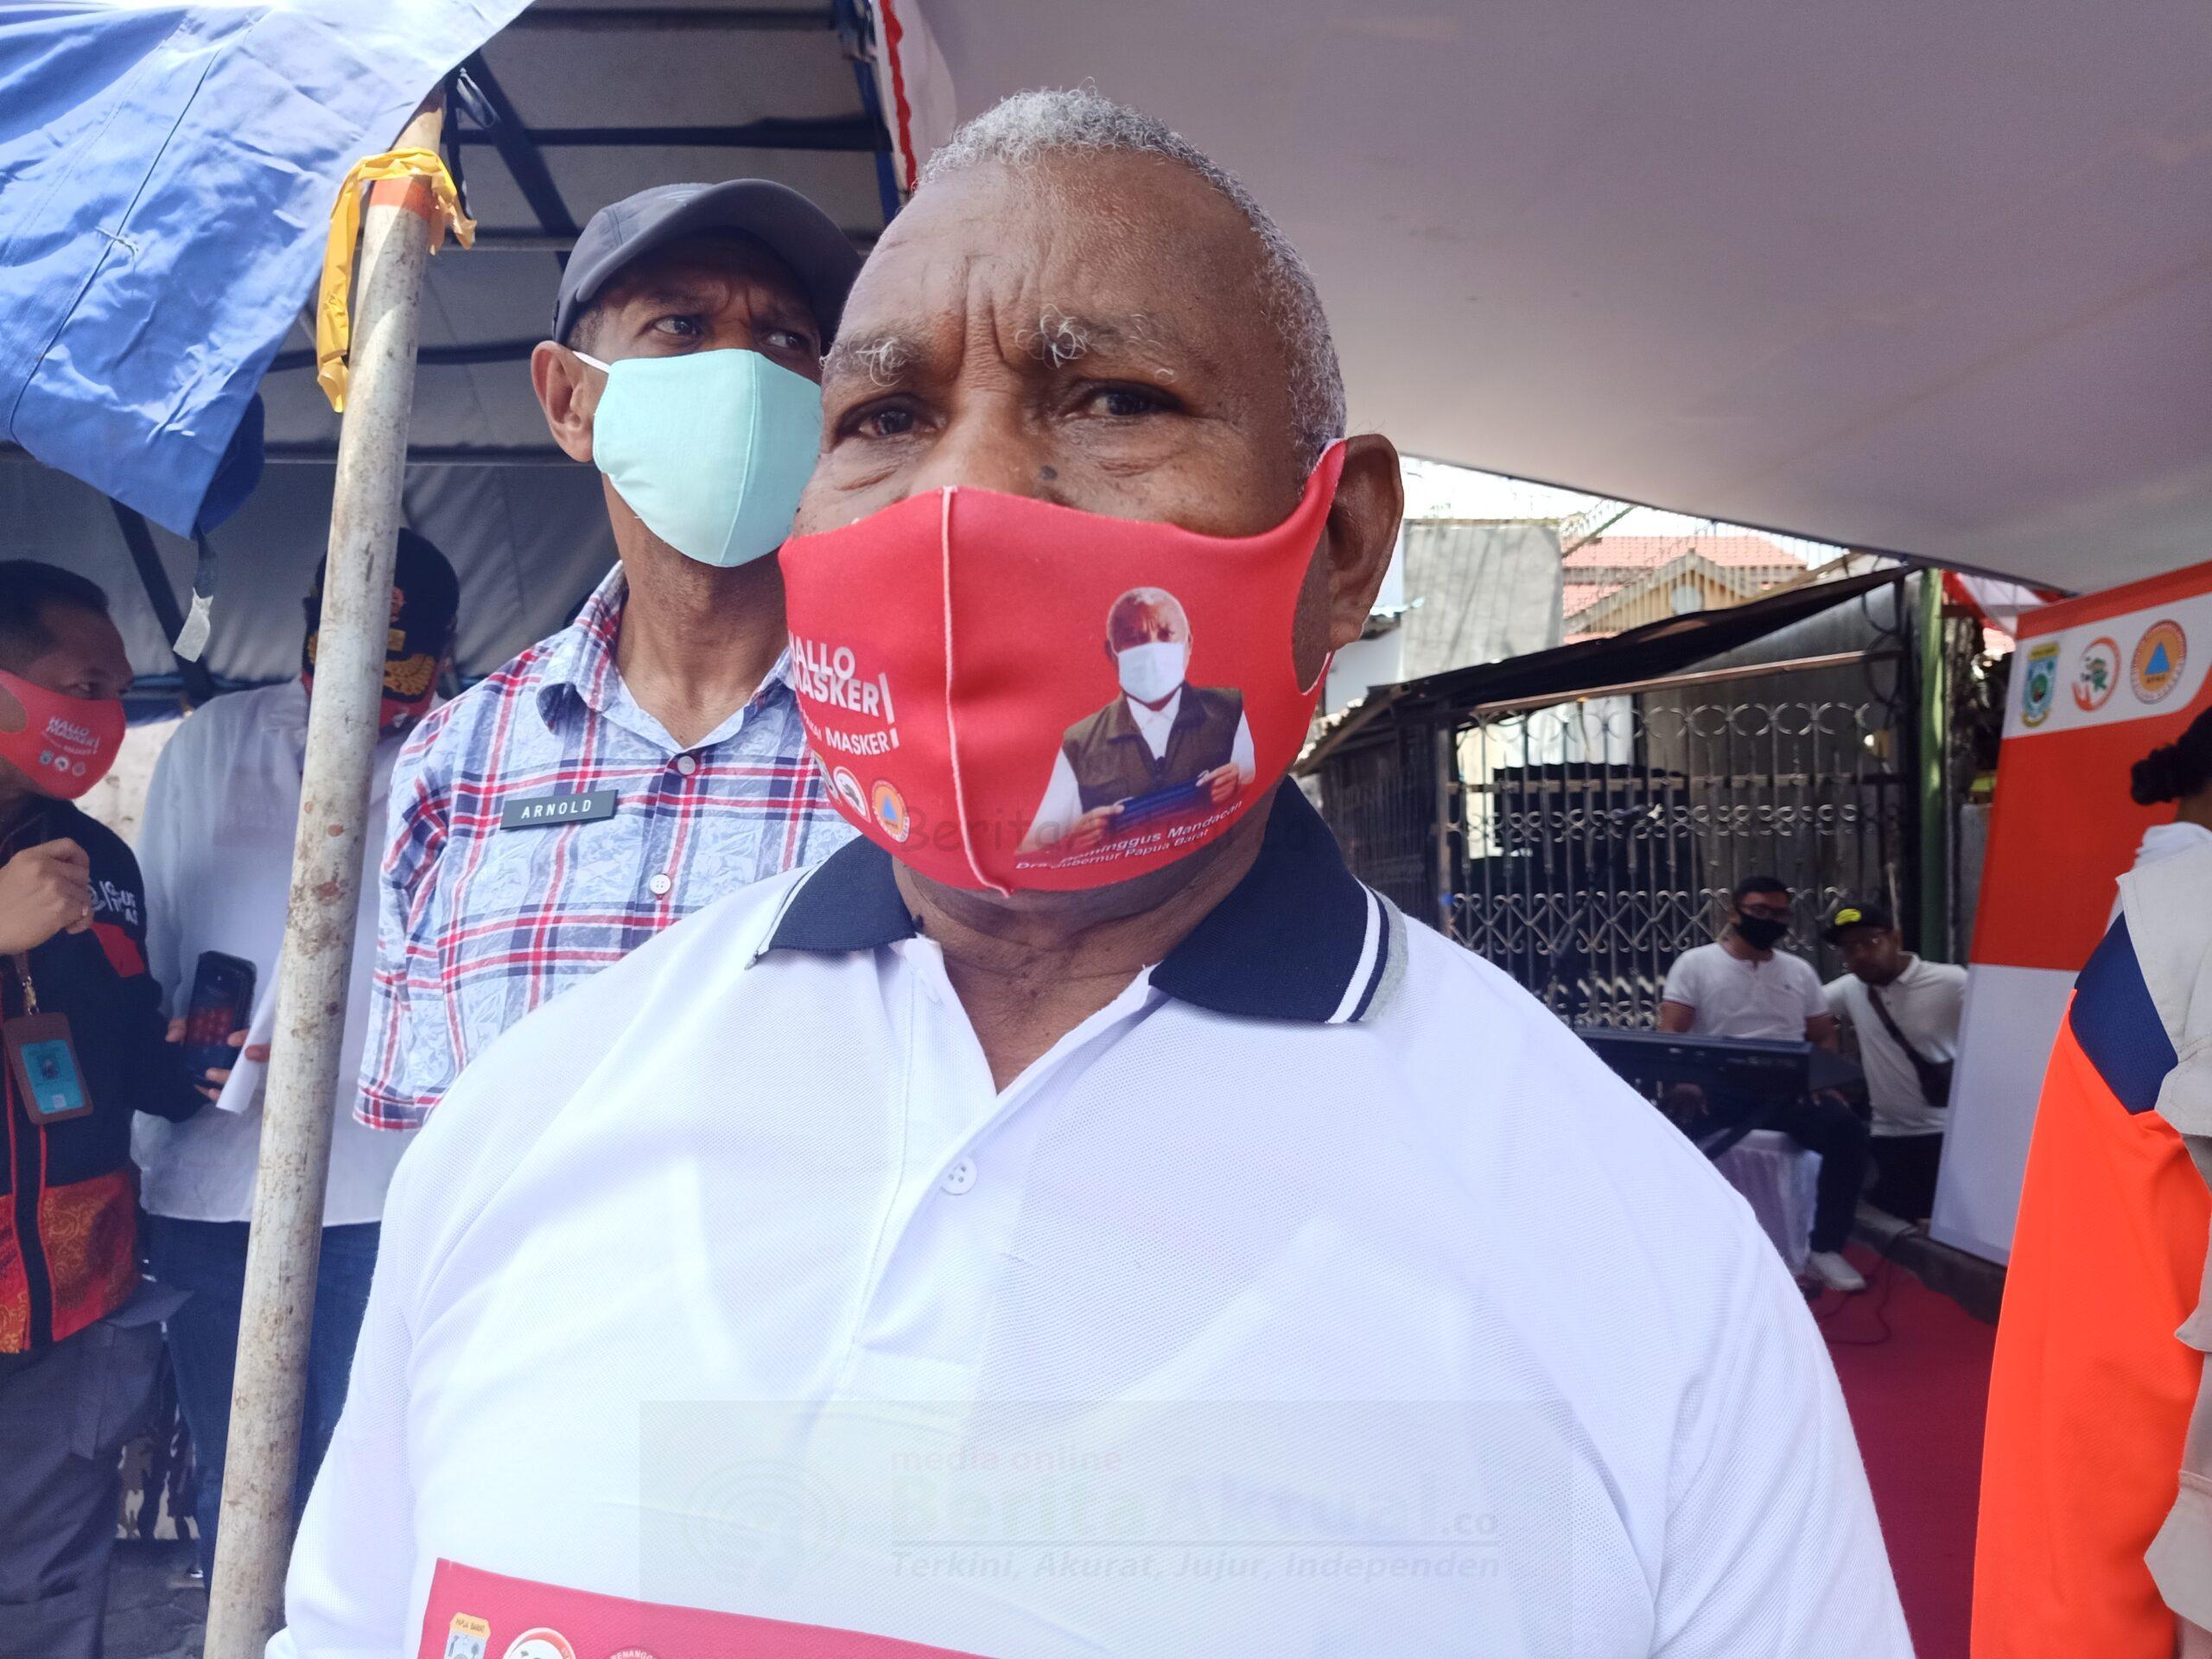 Pemprov Papua Barat Kembali Perpanjang WFH Sampai 23 November 2020 36 IMG20200911111201 1 scaled